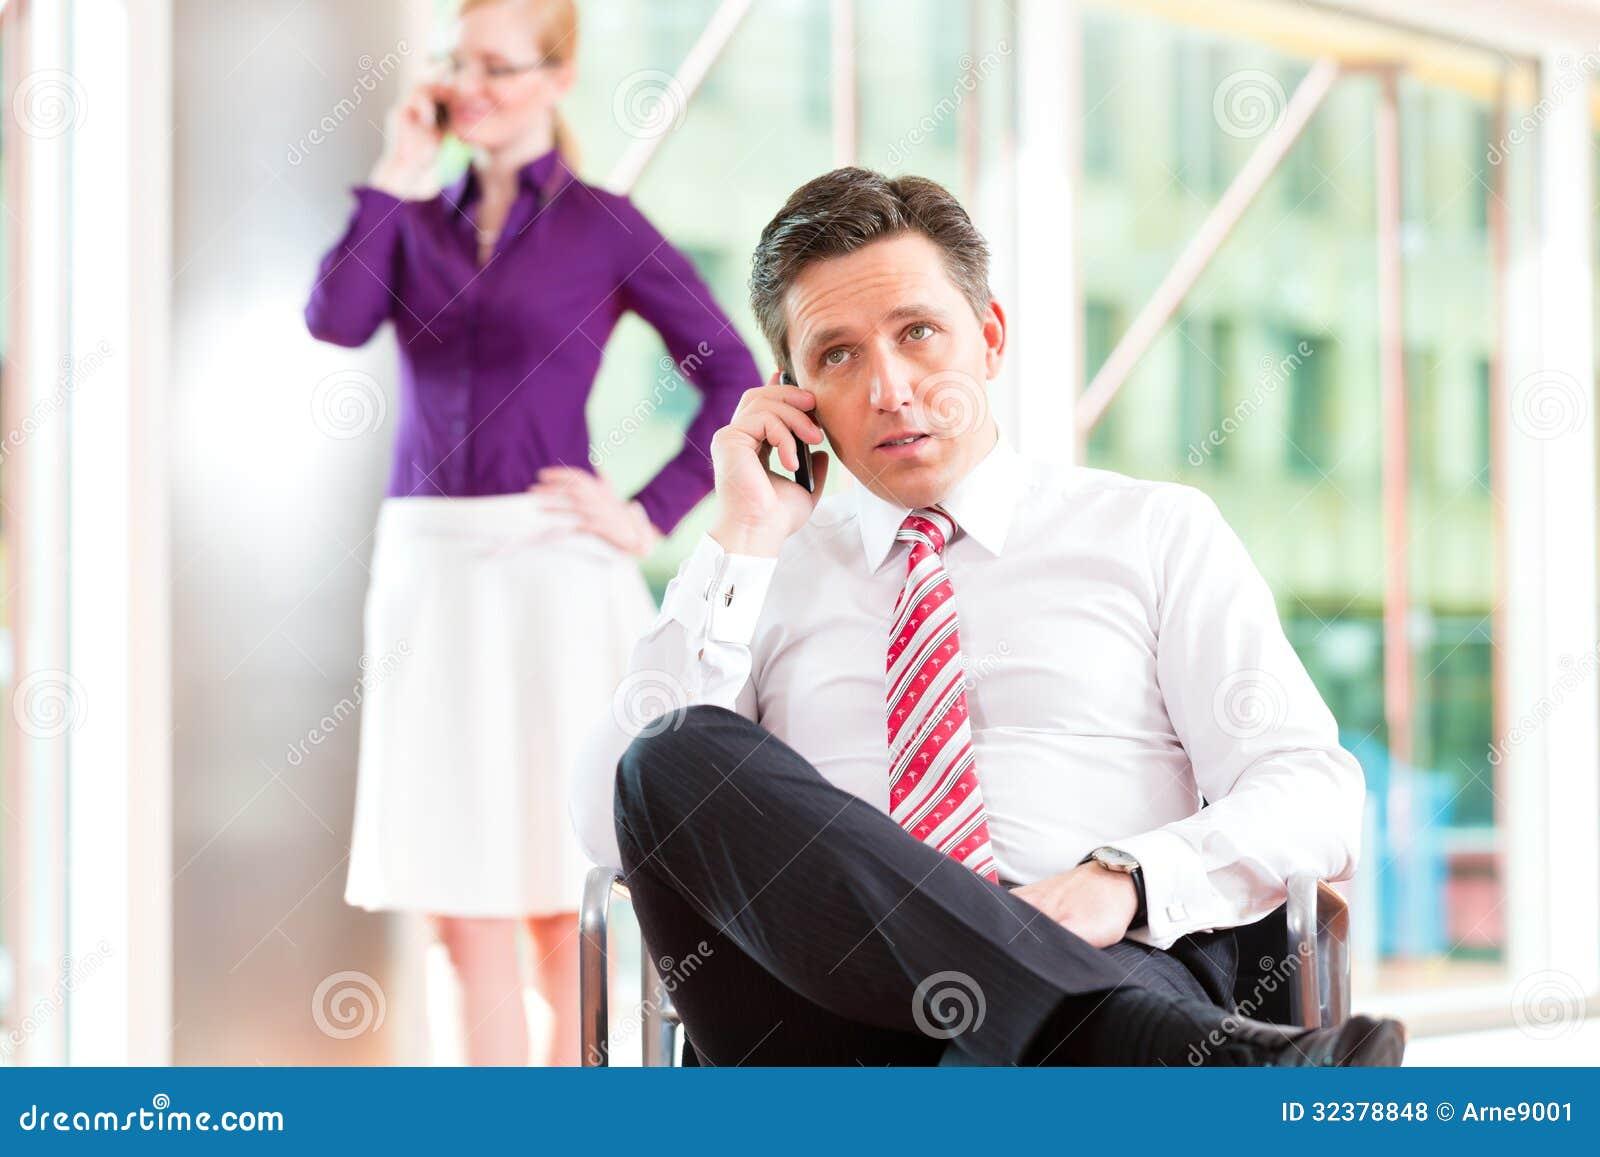 Туртикс он бизнесмен а она его секретарша трусы смотреть кончить